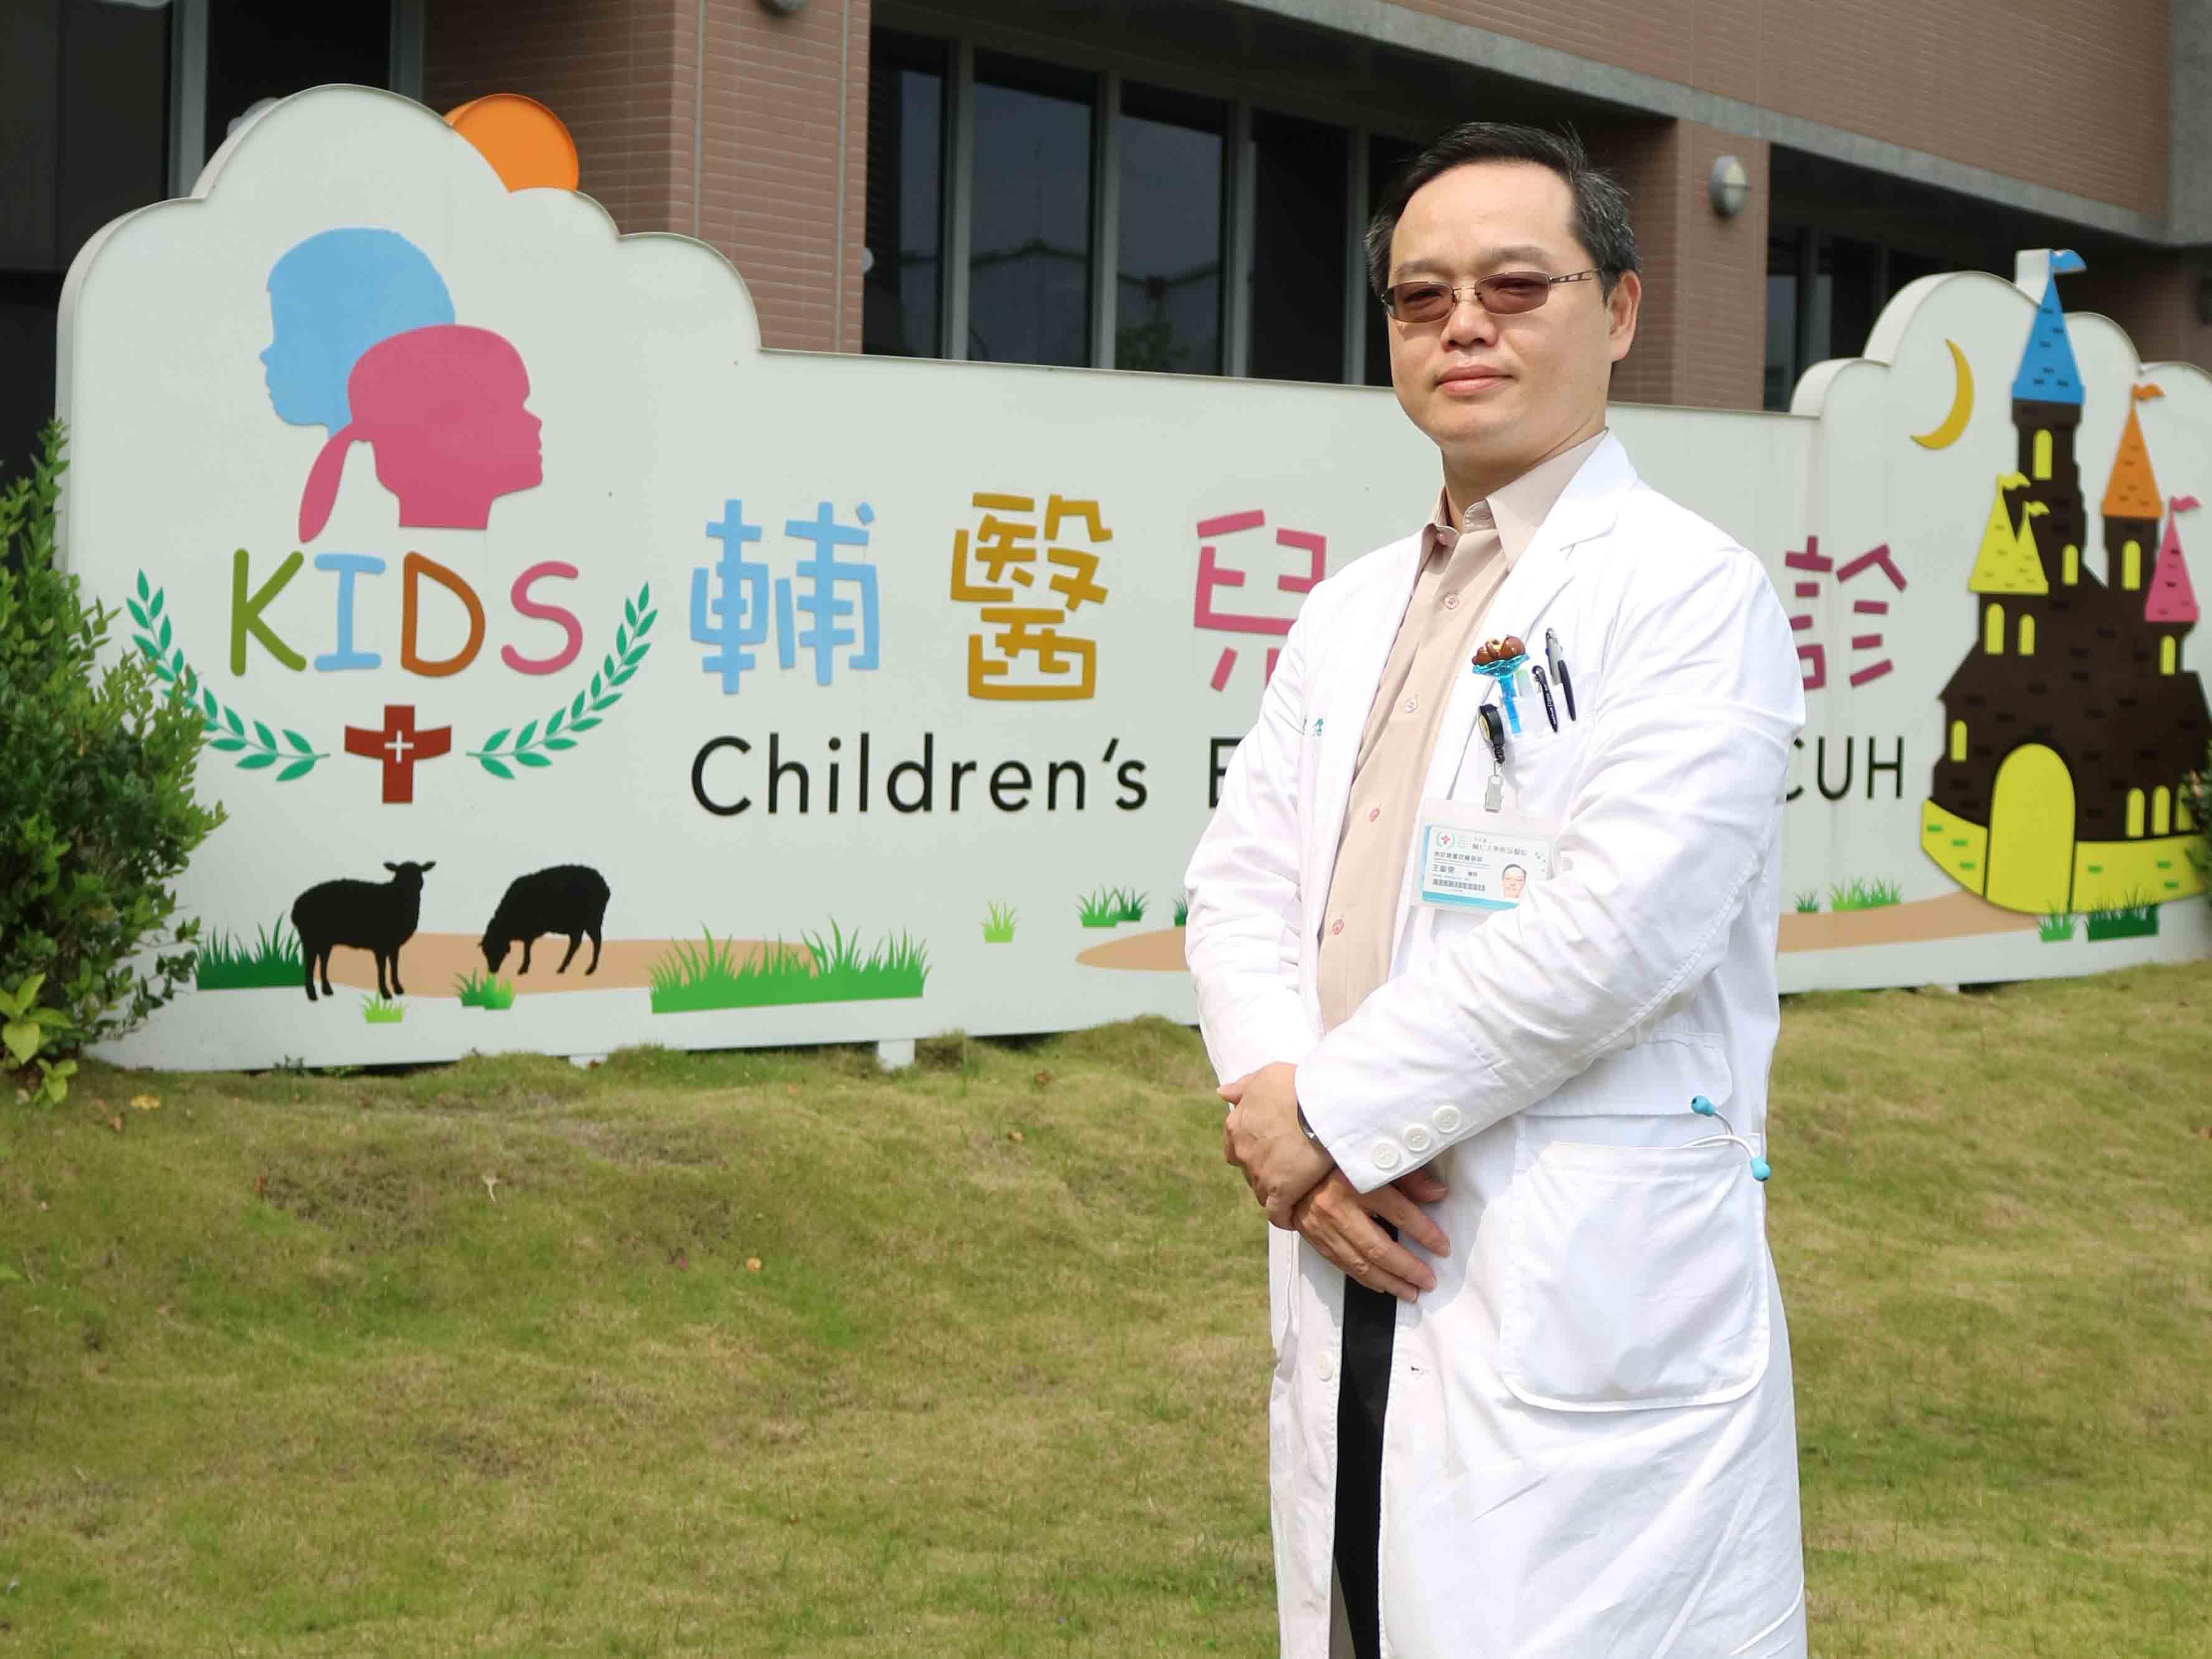 幫很多孩子揮別了疾病的陰霾,卻無法以精湛醫術治癒女兒的病  王聖儒醫師:女兒教會我如何當一名醫師!